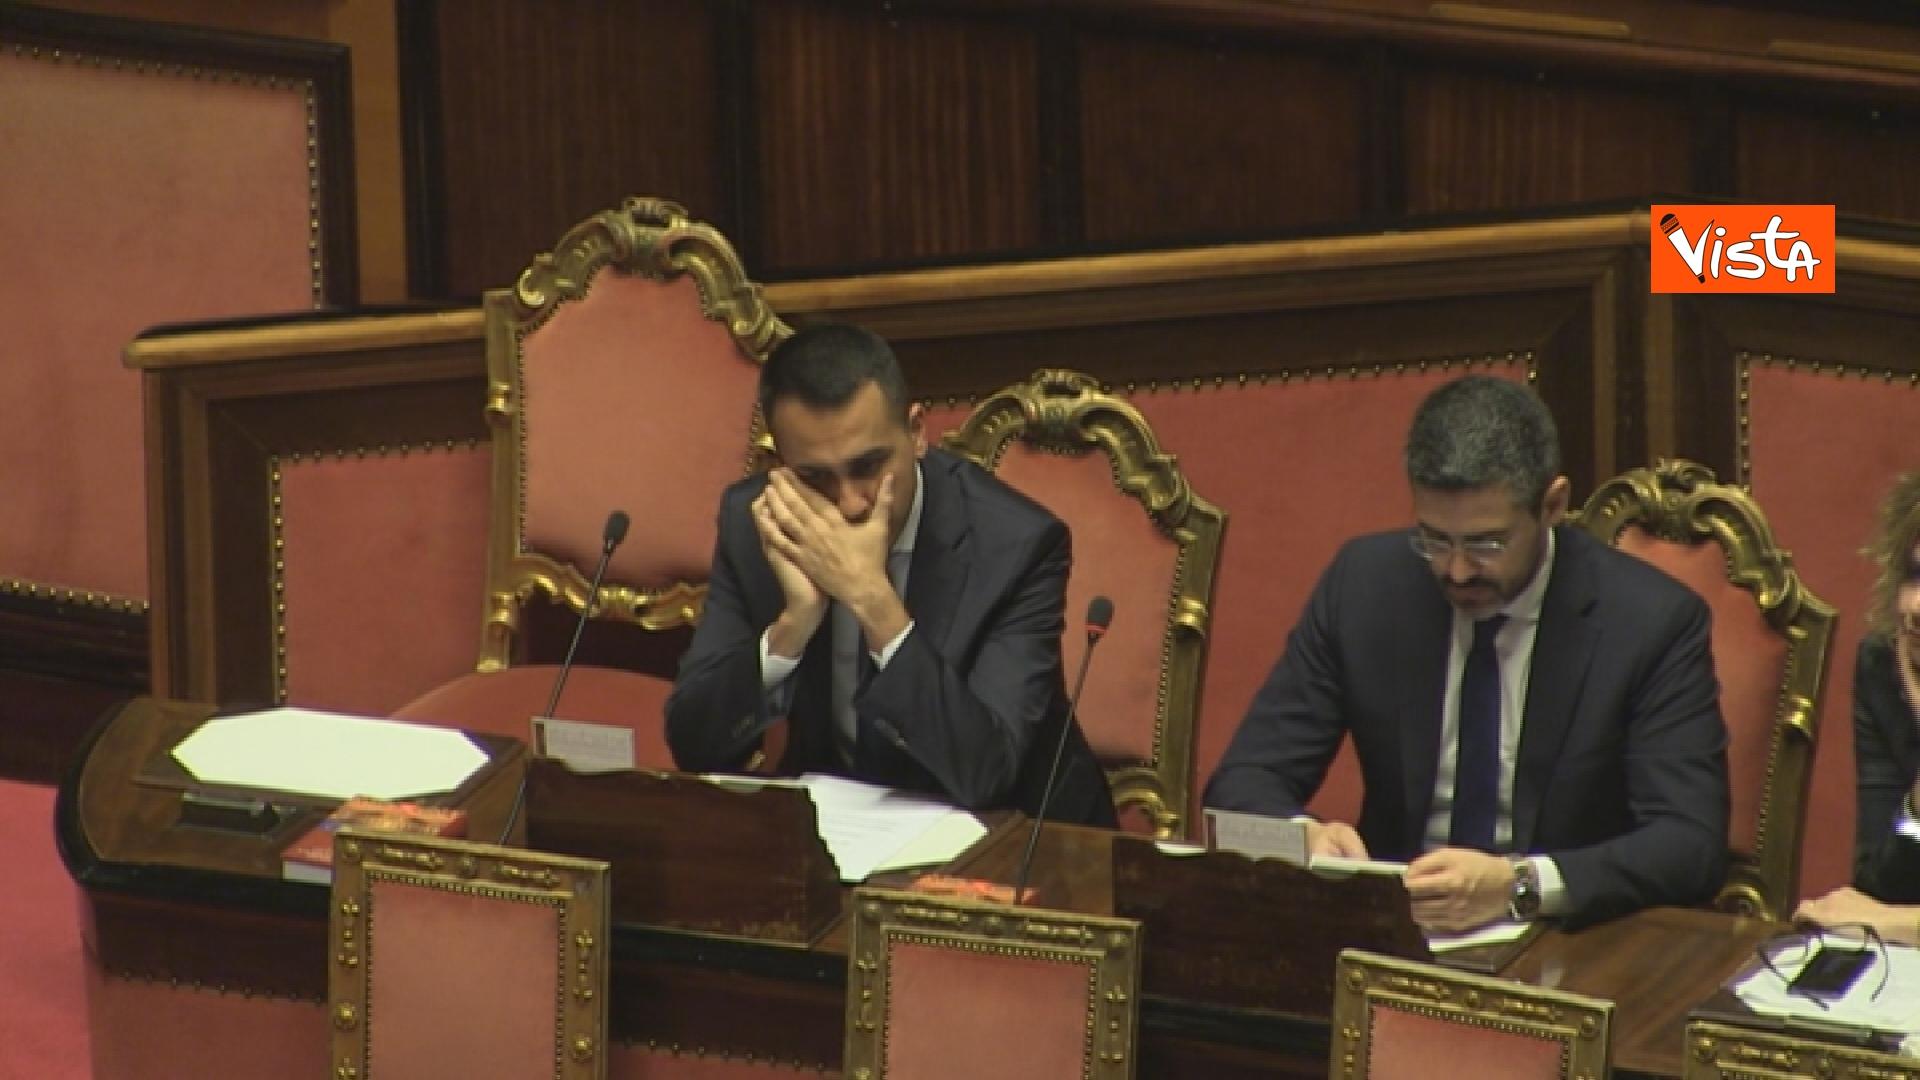 21-03-19 Mozione sfiducia per Toninelli al Senato le immagini dell Aula_il vicepresidente del Cosiglio Luigi Di Maio 09